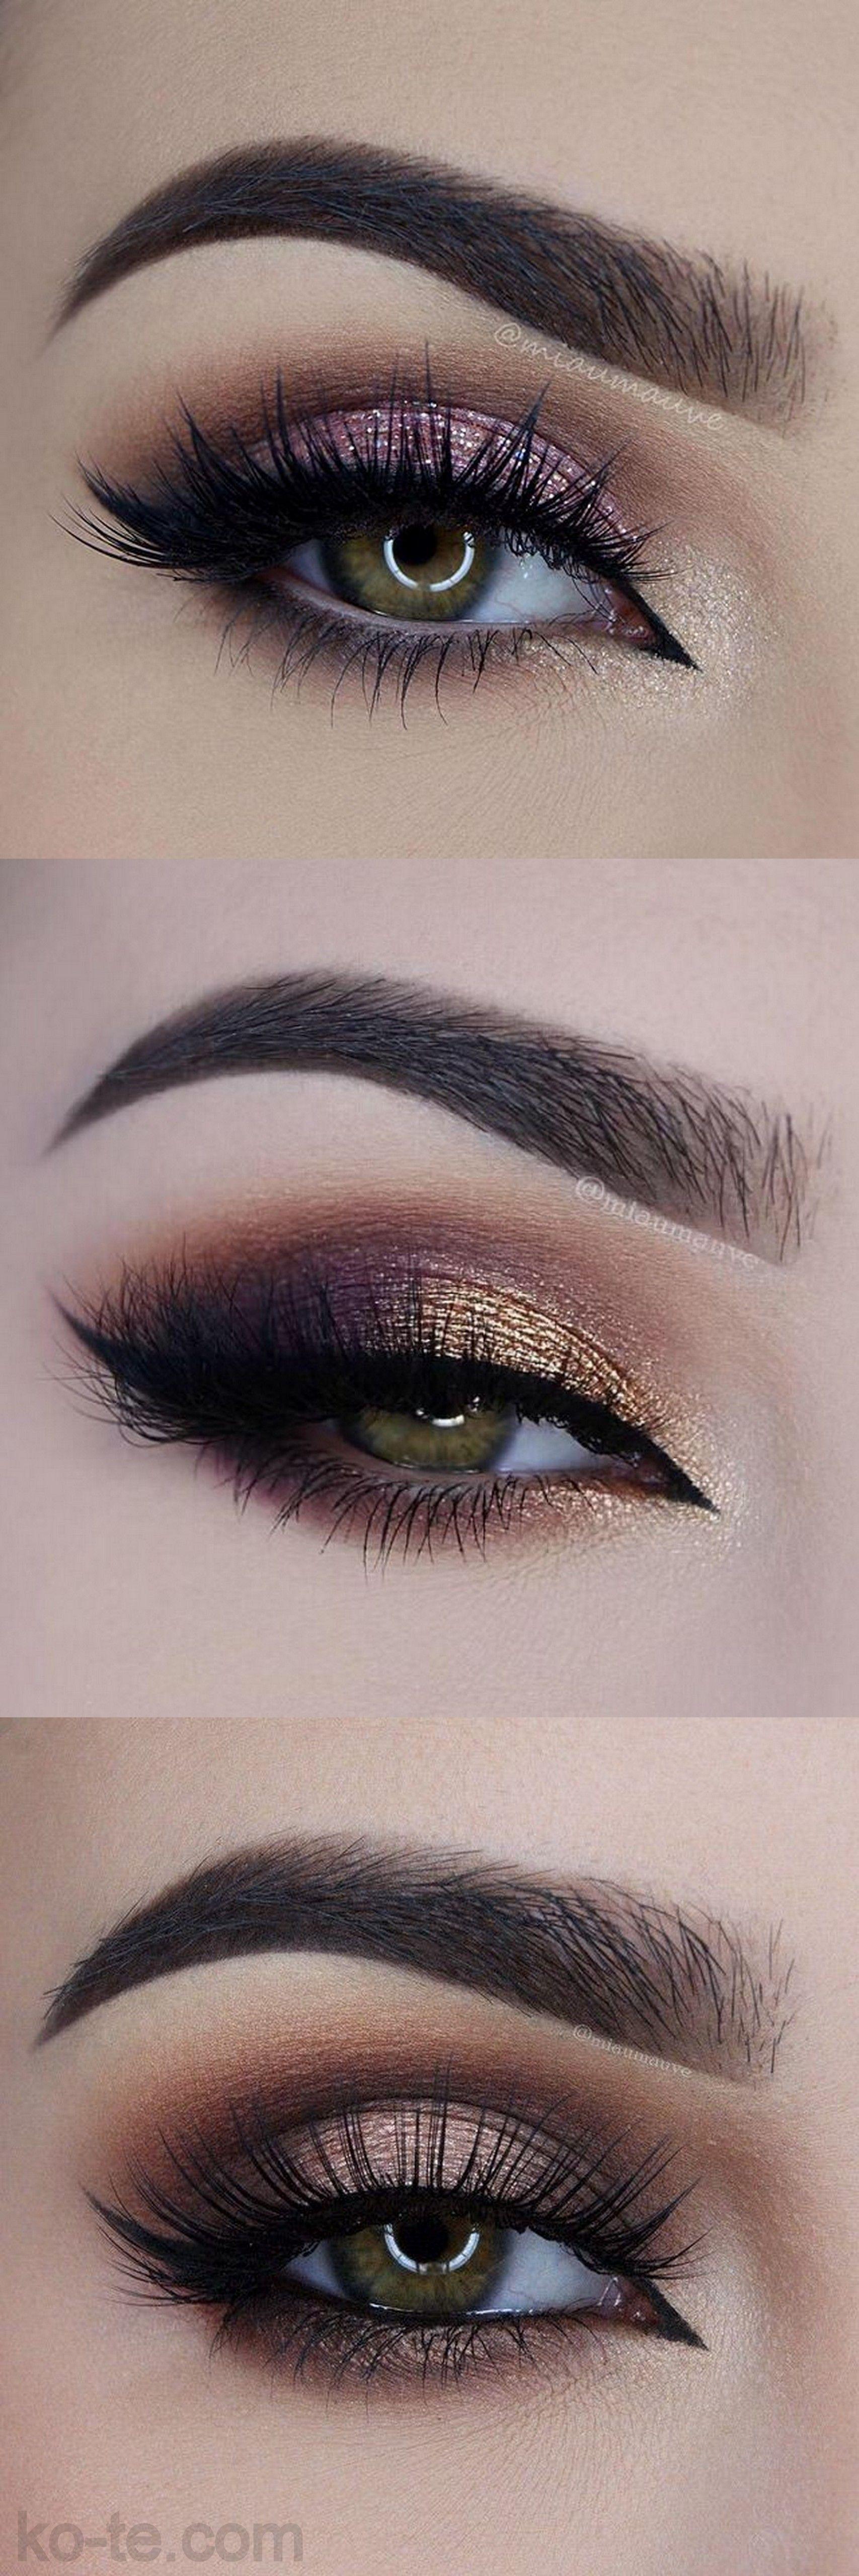 O Do Meio Mas Com Preto Makeup Skin Makeup Eye Makeup